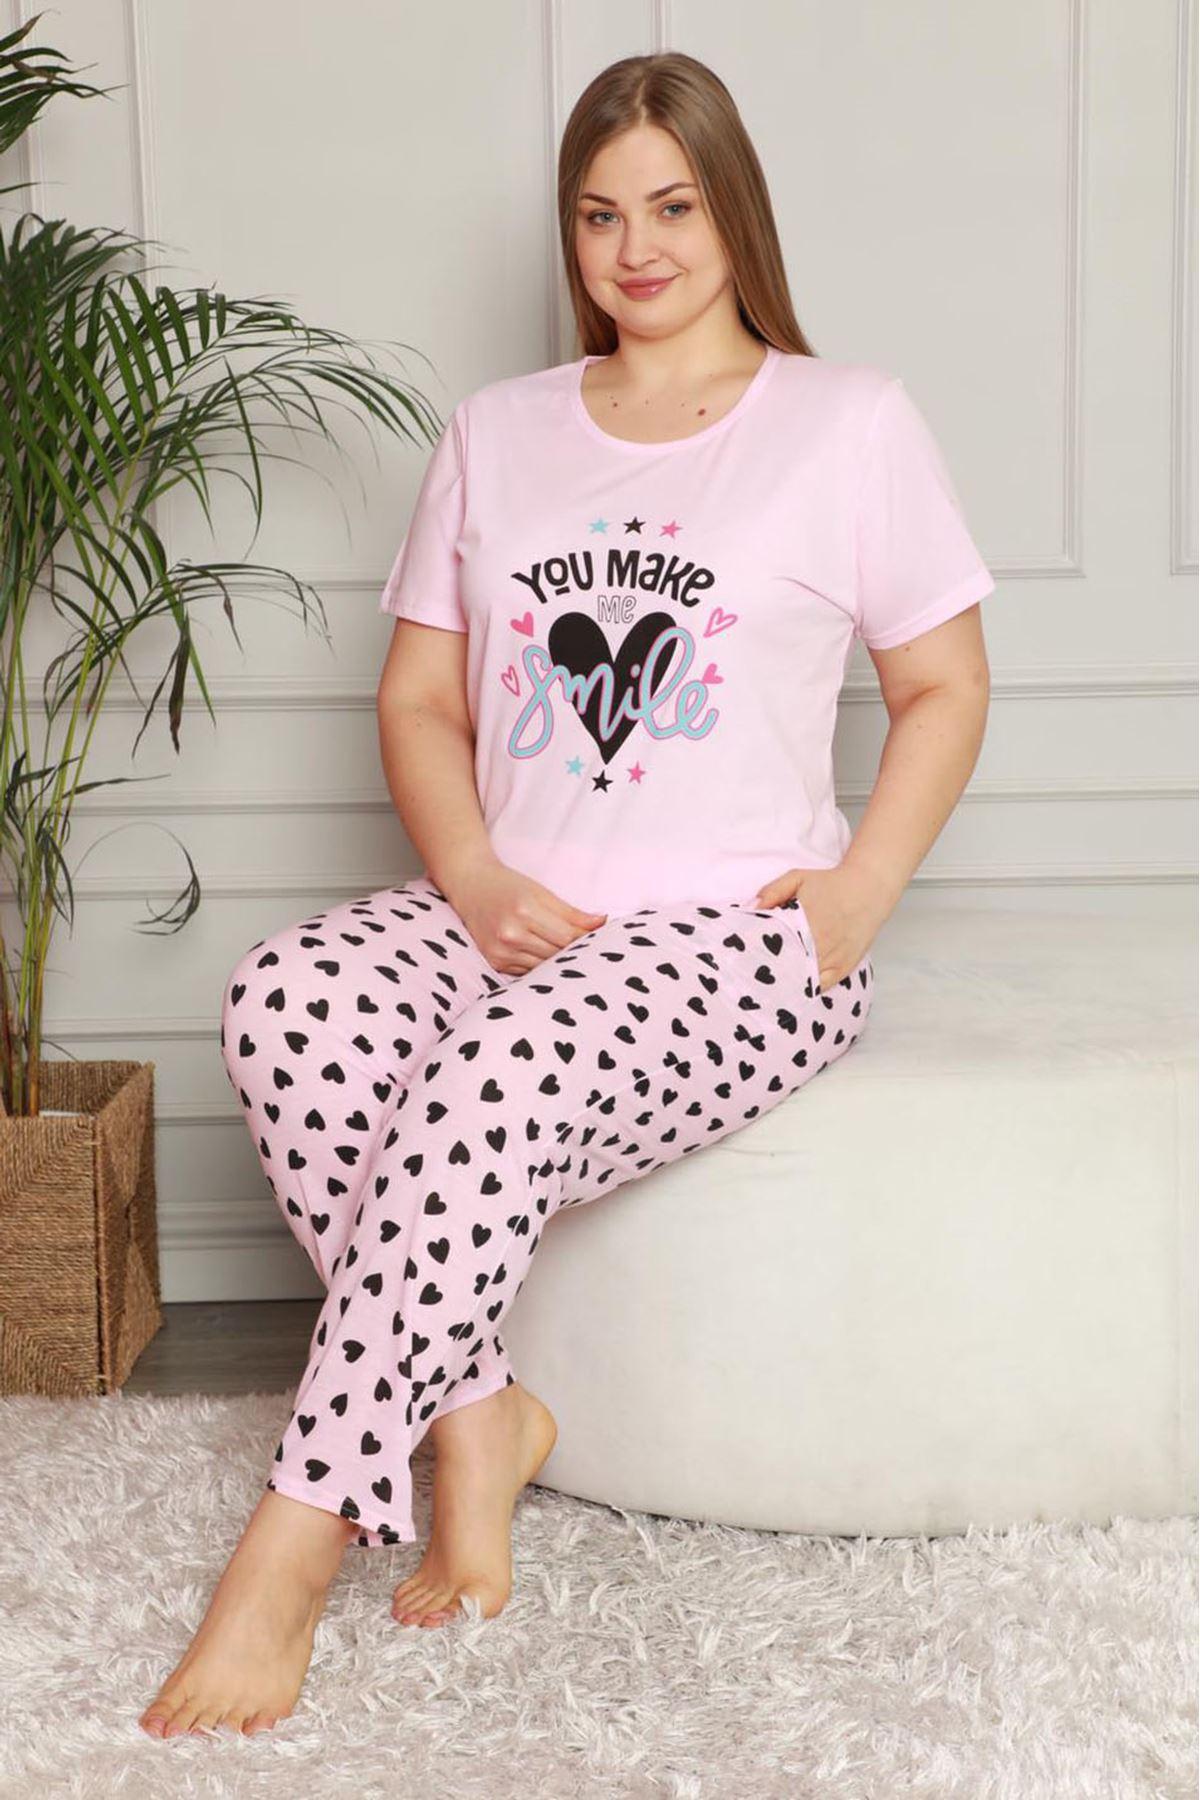 Yazlık Geniş Kesim Büyük Beden Pijama Takımı 26B-1608